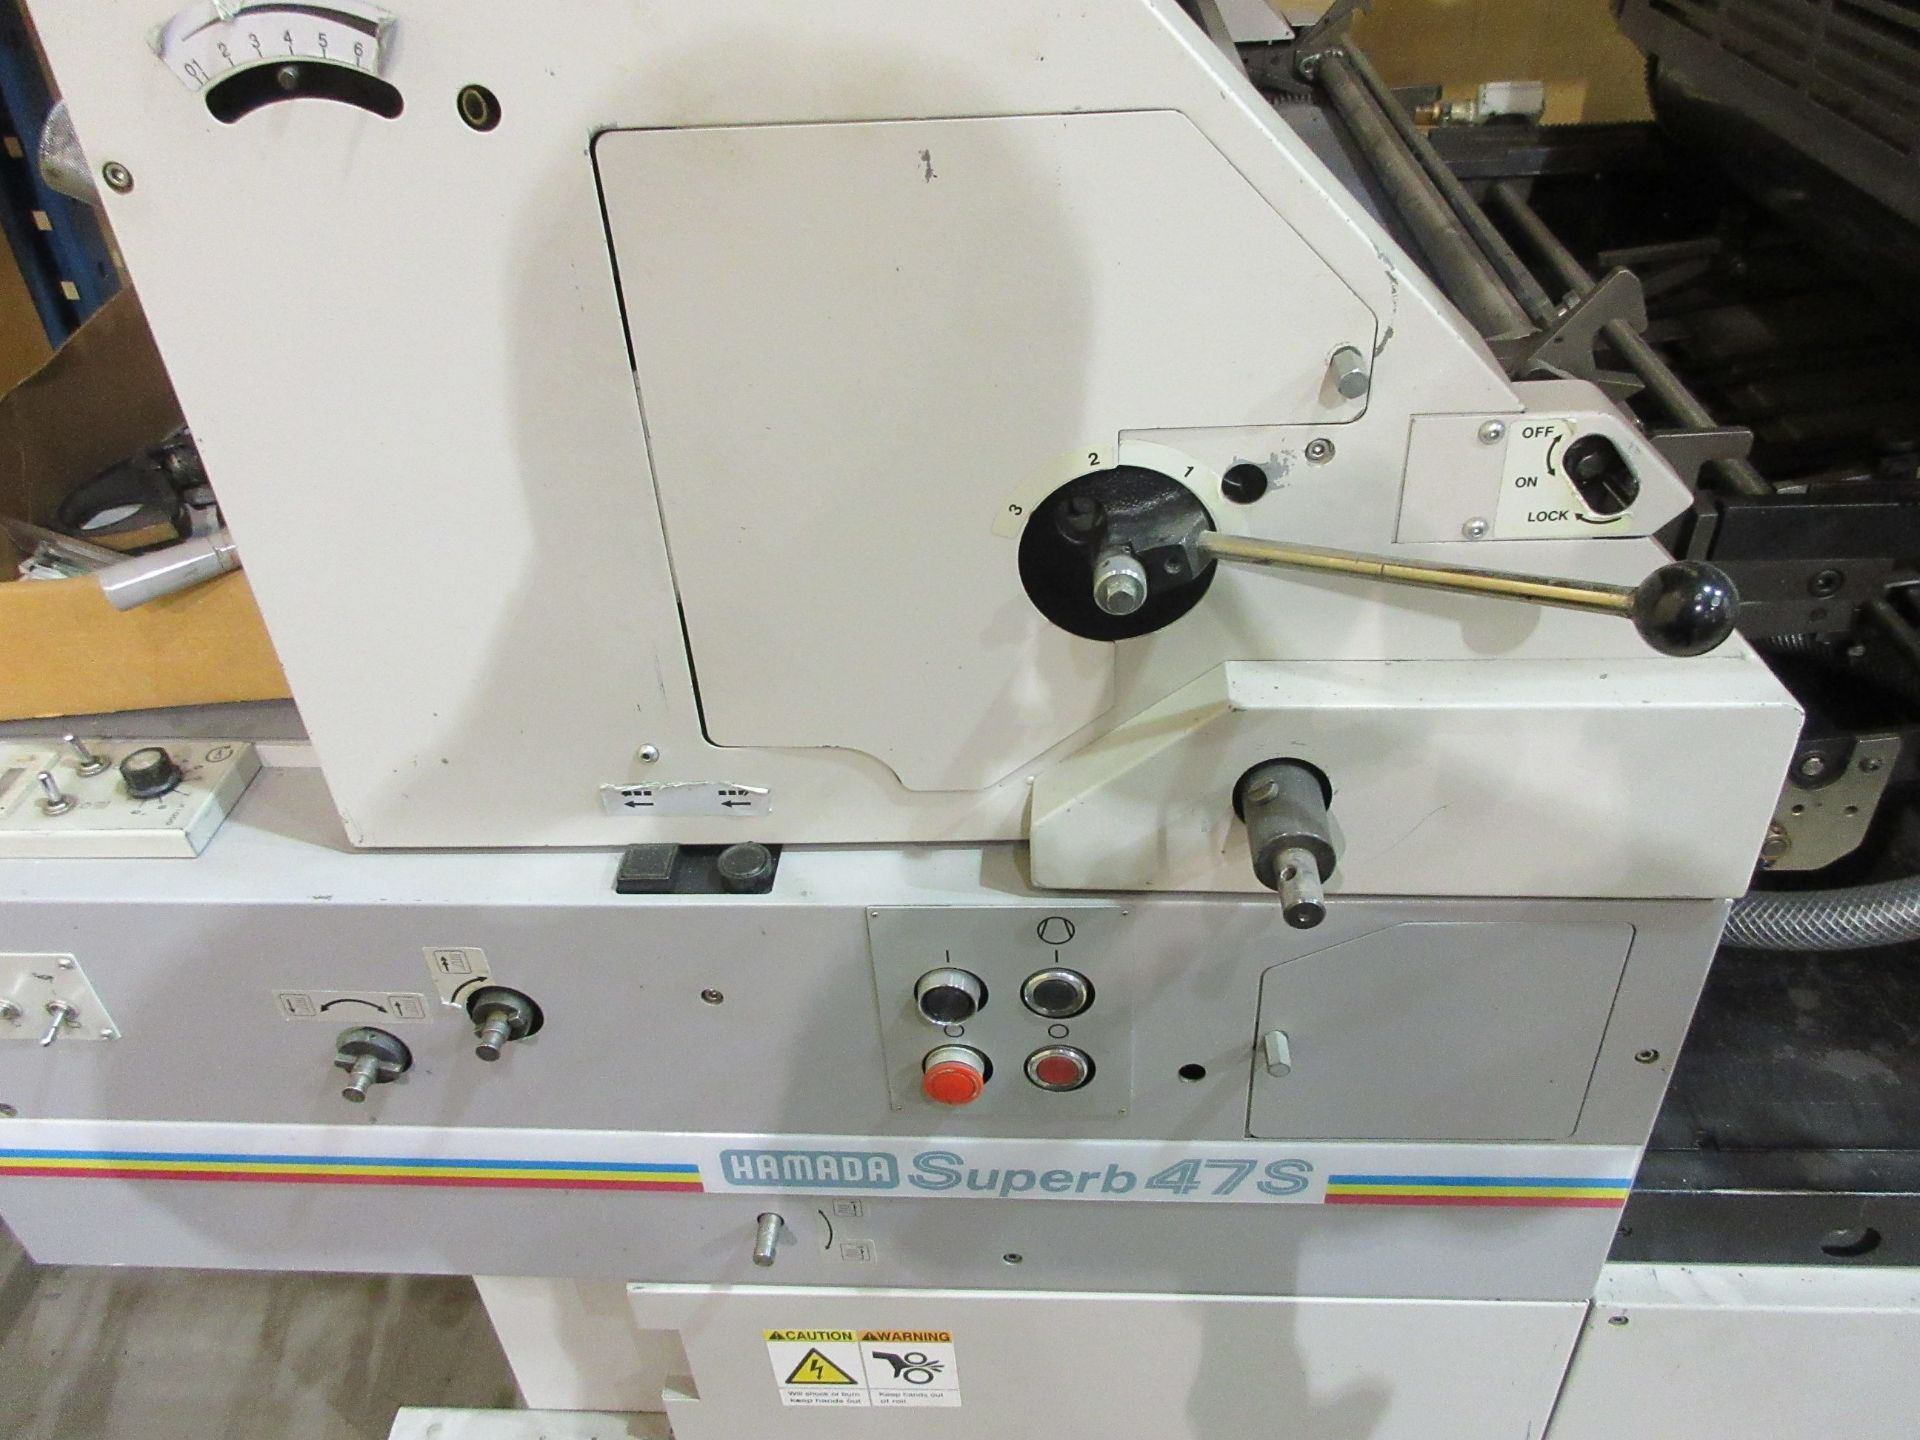 """HAMADA TRUE (2) color offset printing press 14"""" x 17"""" (mod: Superb 47S ) - Image 4 of 9"""